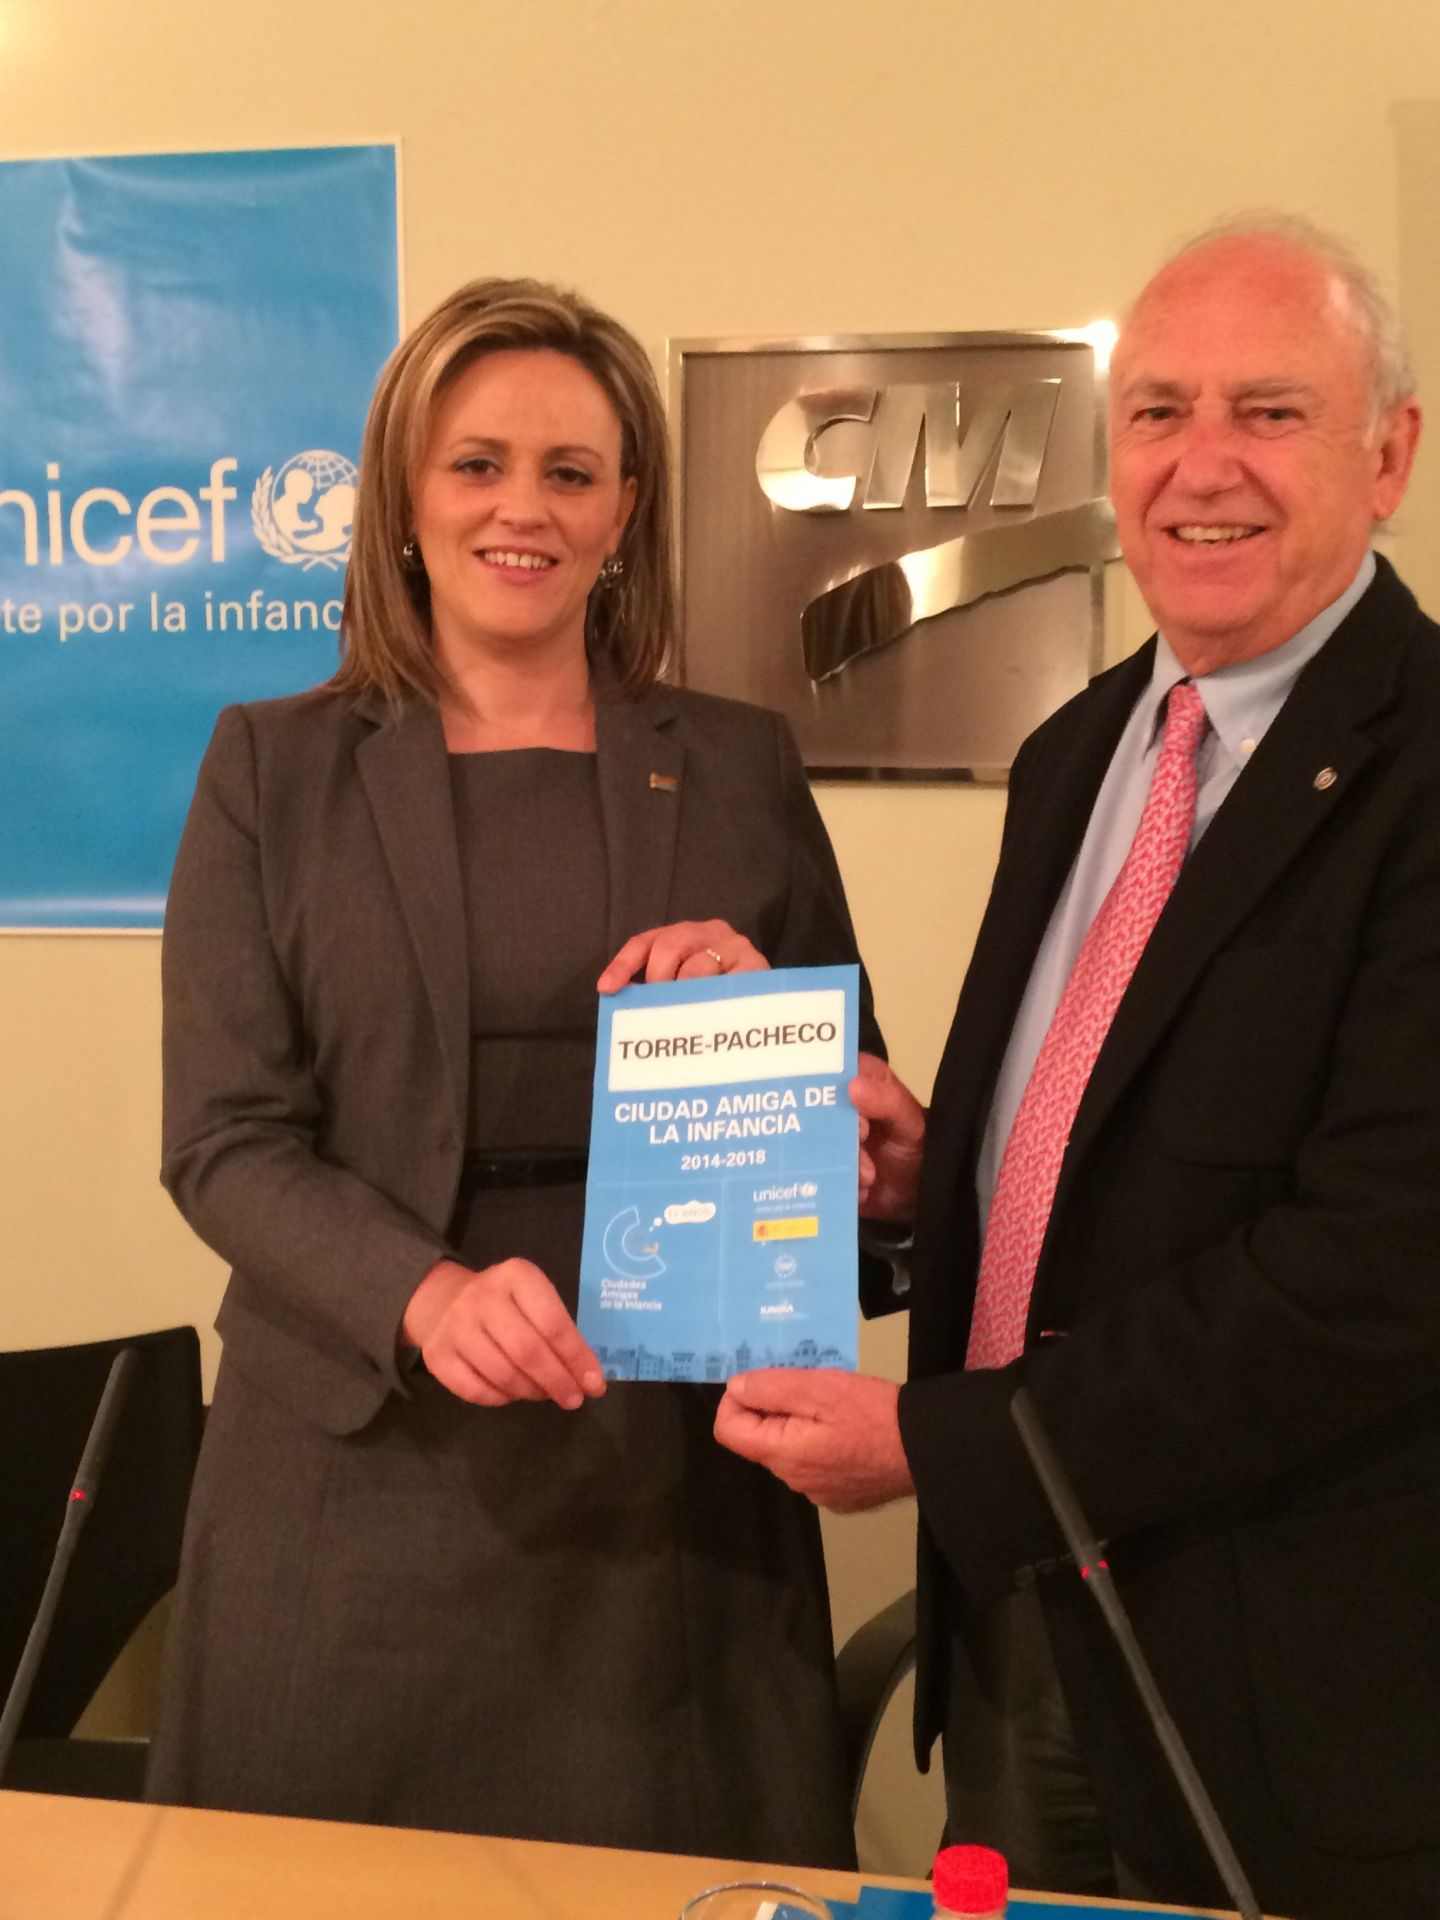 Torre-Pacheco (Murcia) y UNICEF firman un acuerdo de colaboración